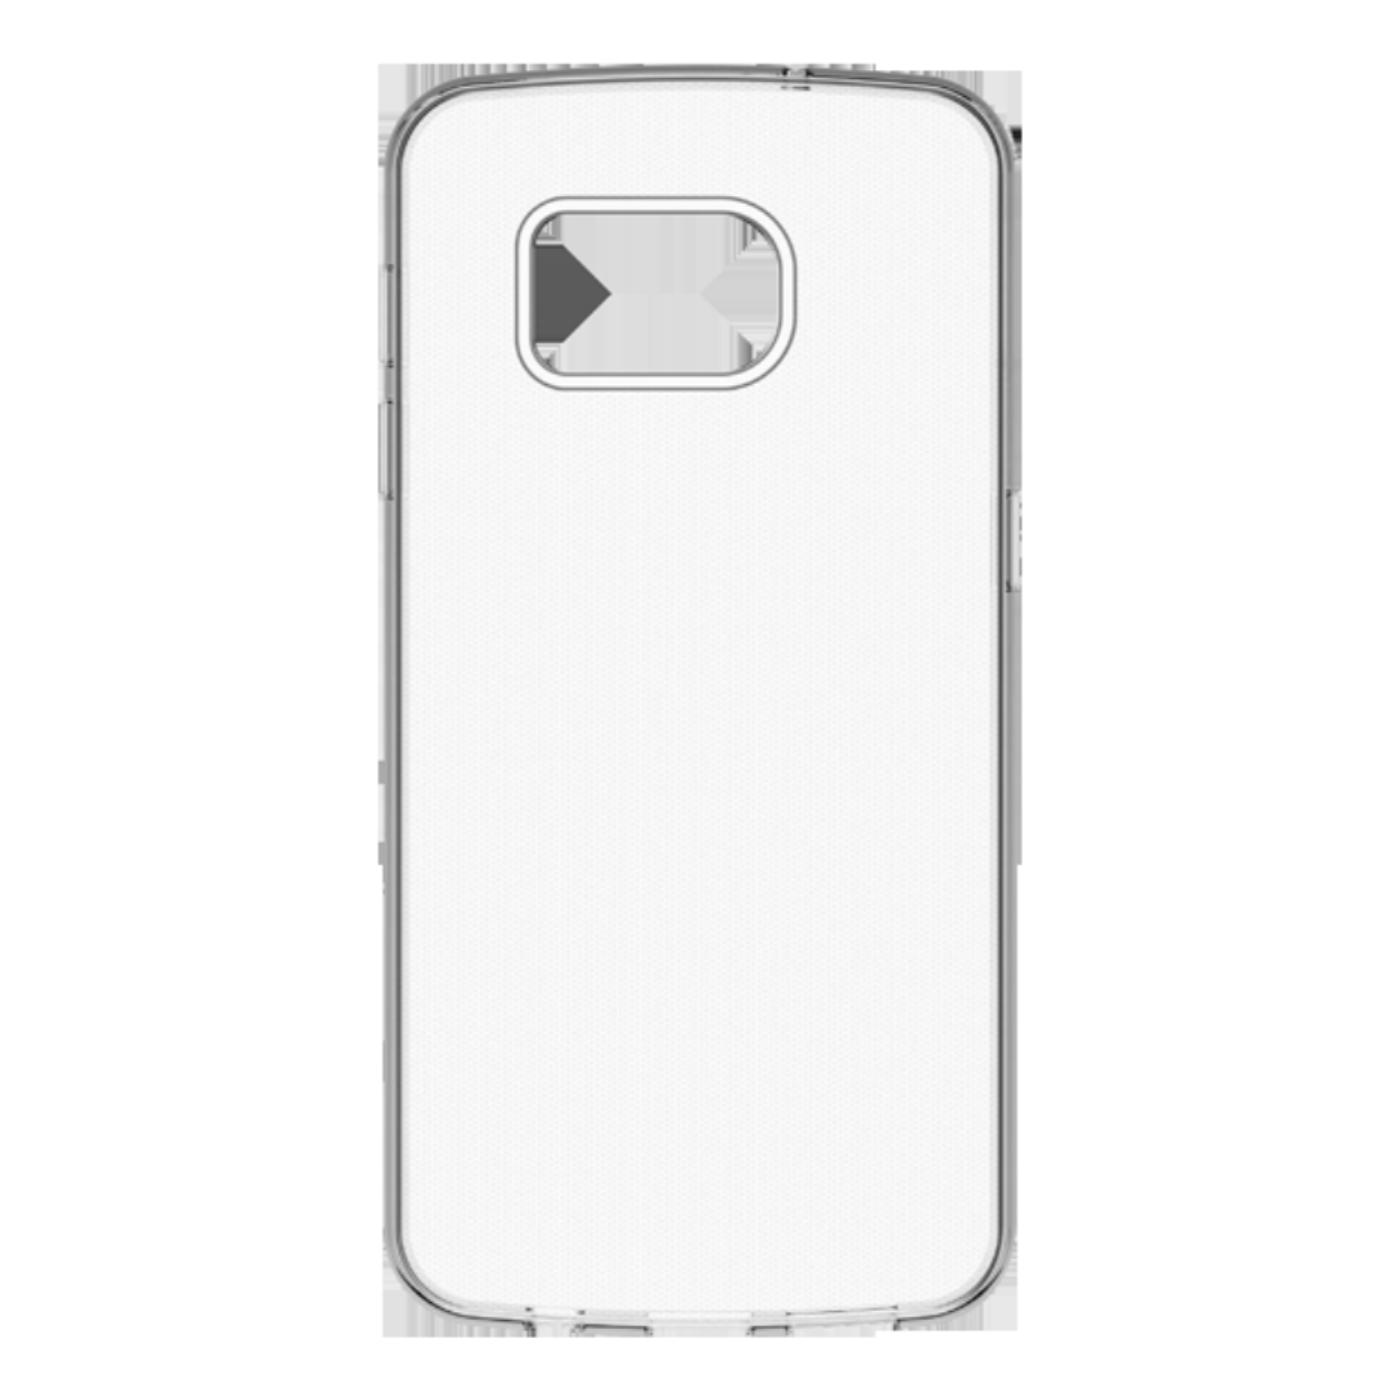 Futrola za mobitel Samsung S7,sa zašt. za kameru,silikonska,